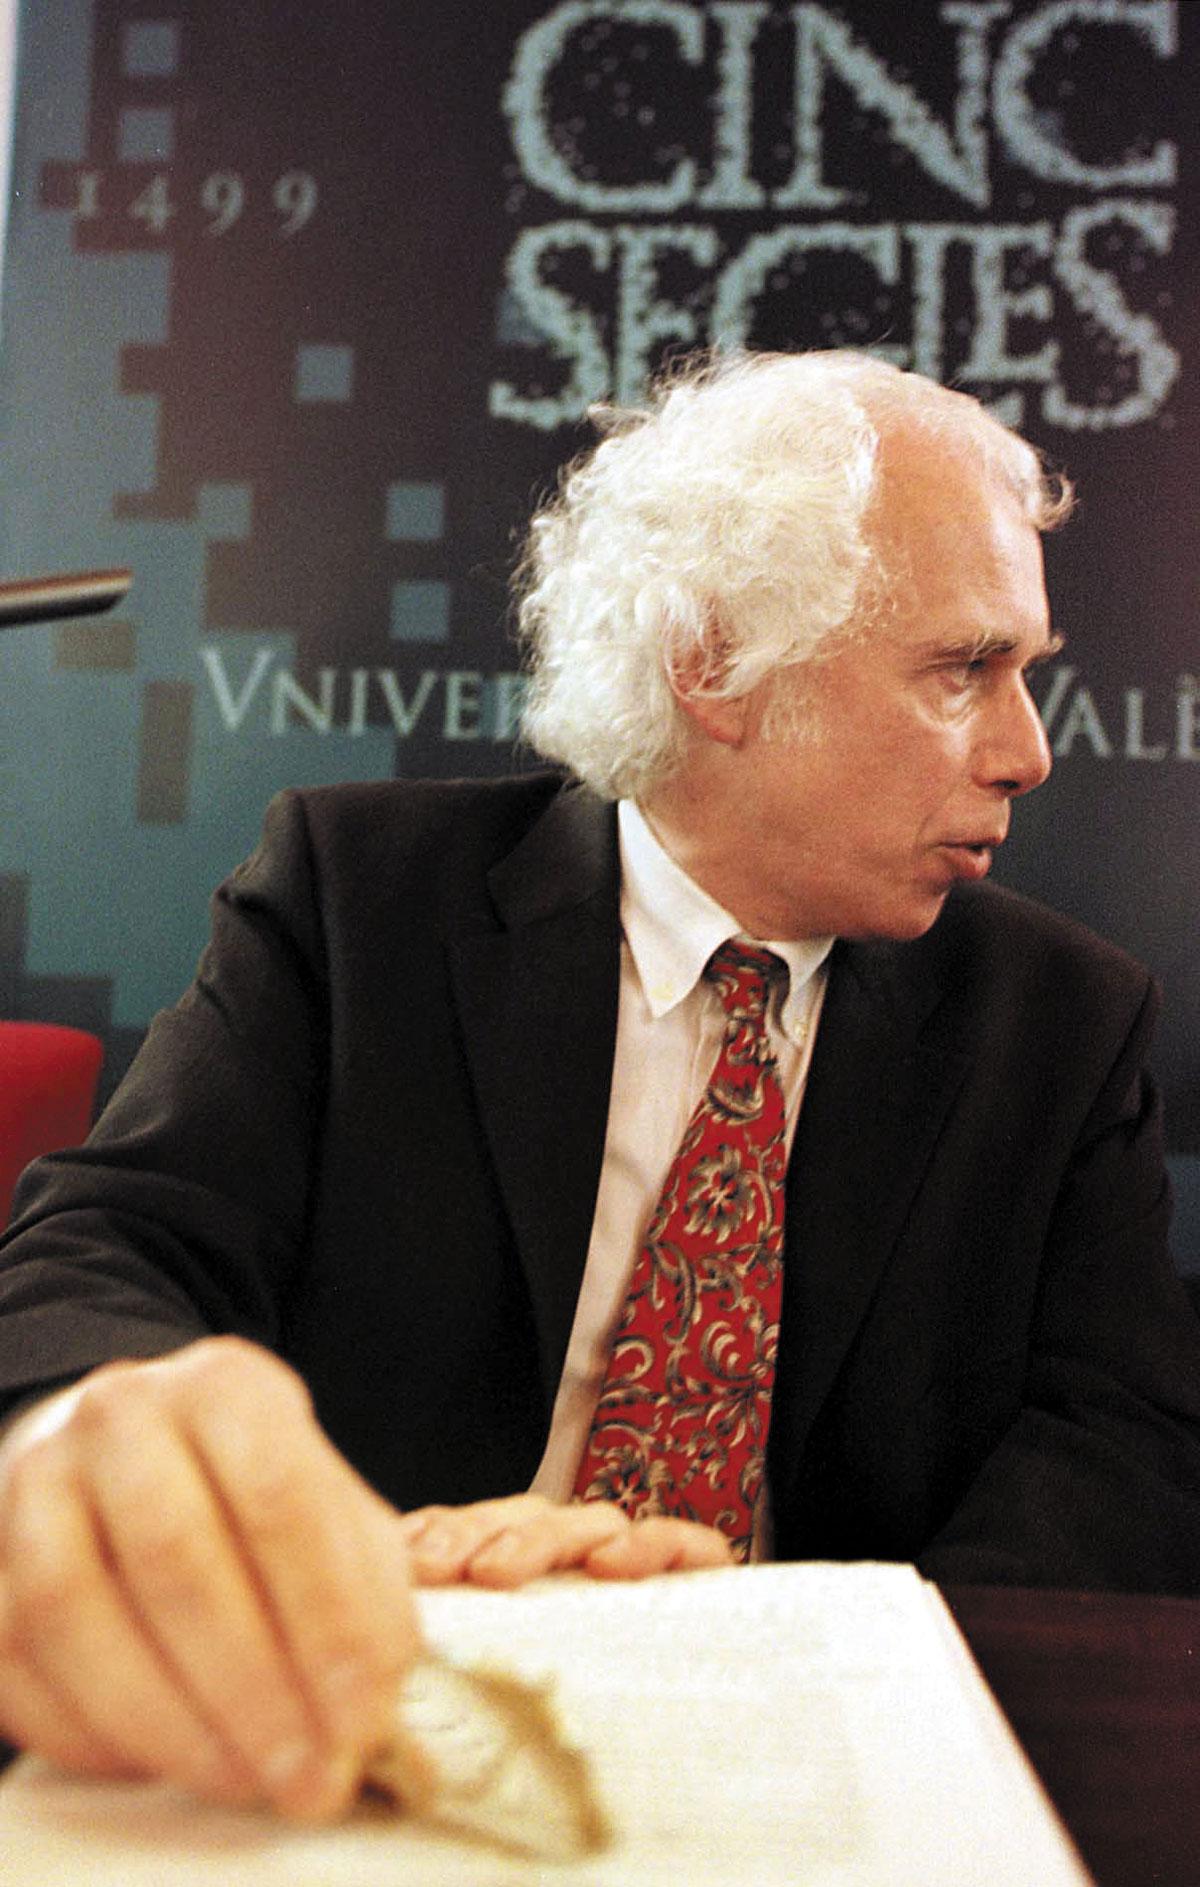 Jim Bennet